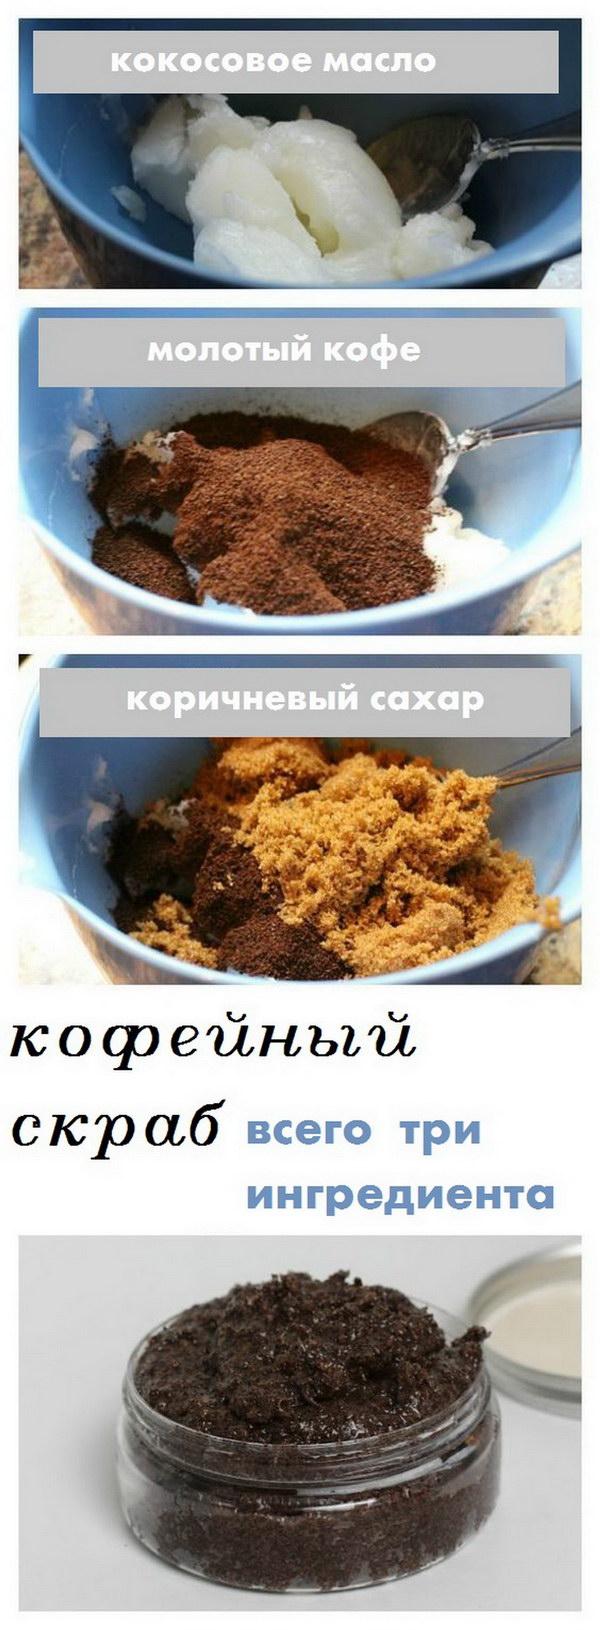 Кофейный скраб дома